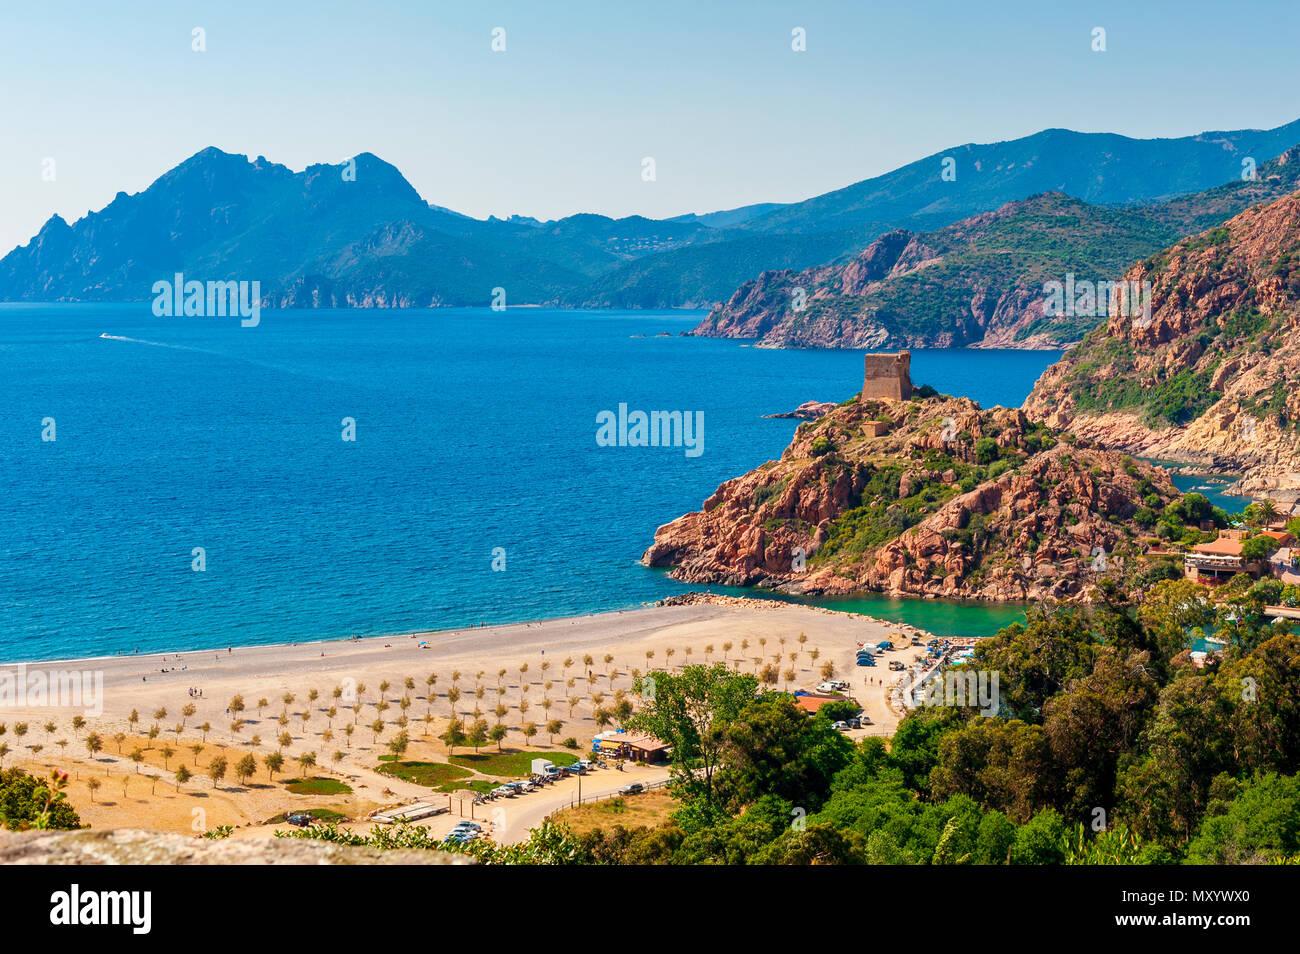 Villaggio costiero di Porto, Corsica, Francia Immagini Stock